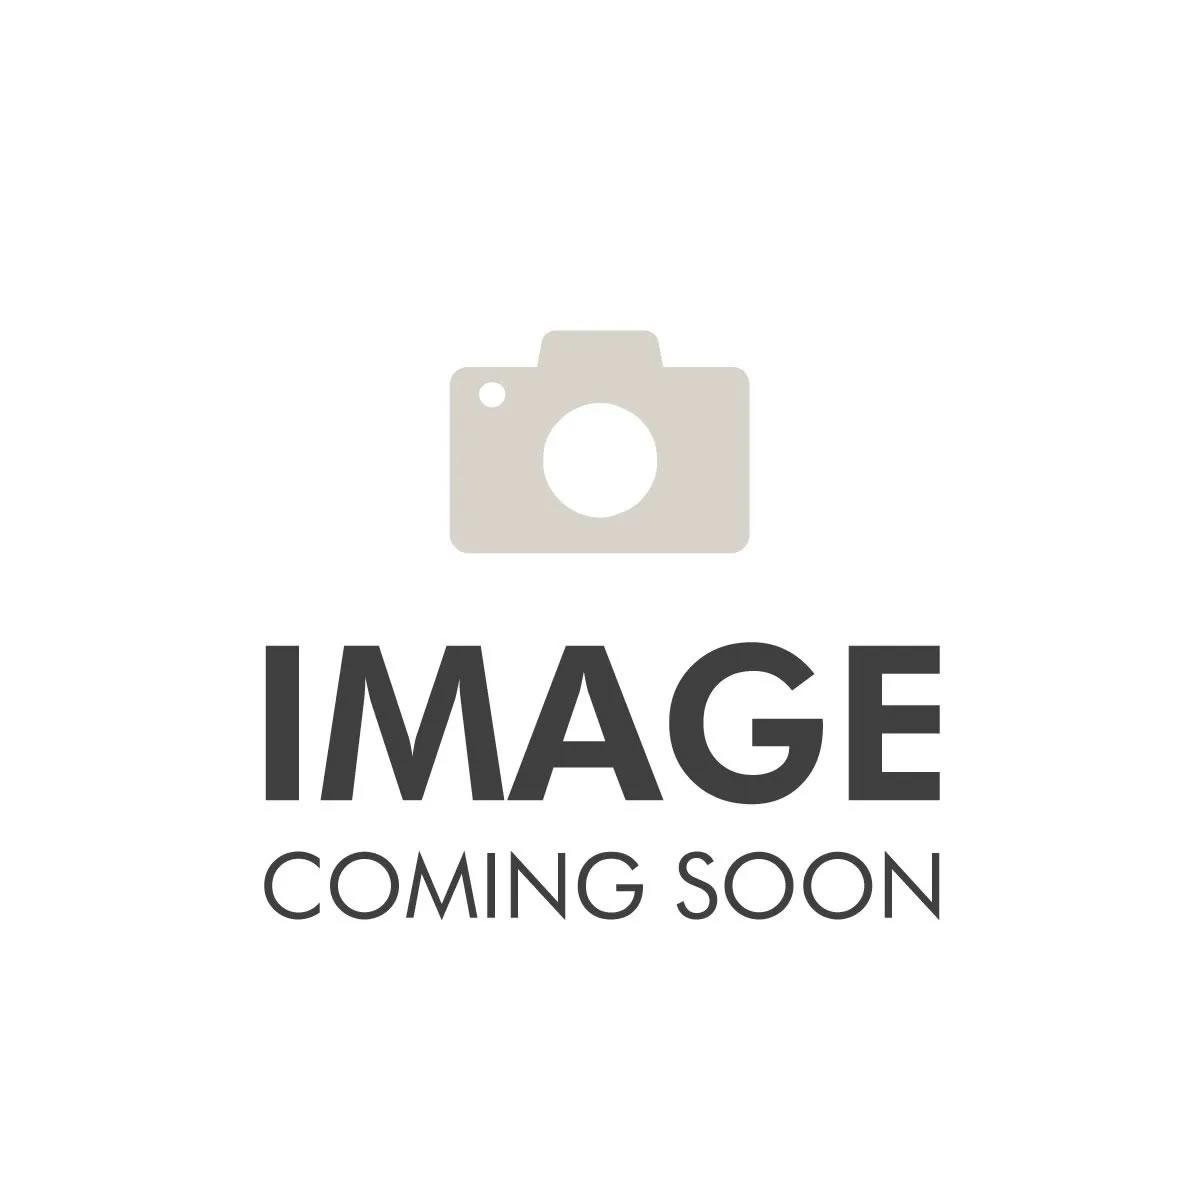 Rear Frame Crossmember Cover; 97-06 Jeep Wrangler TJ